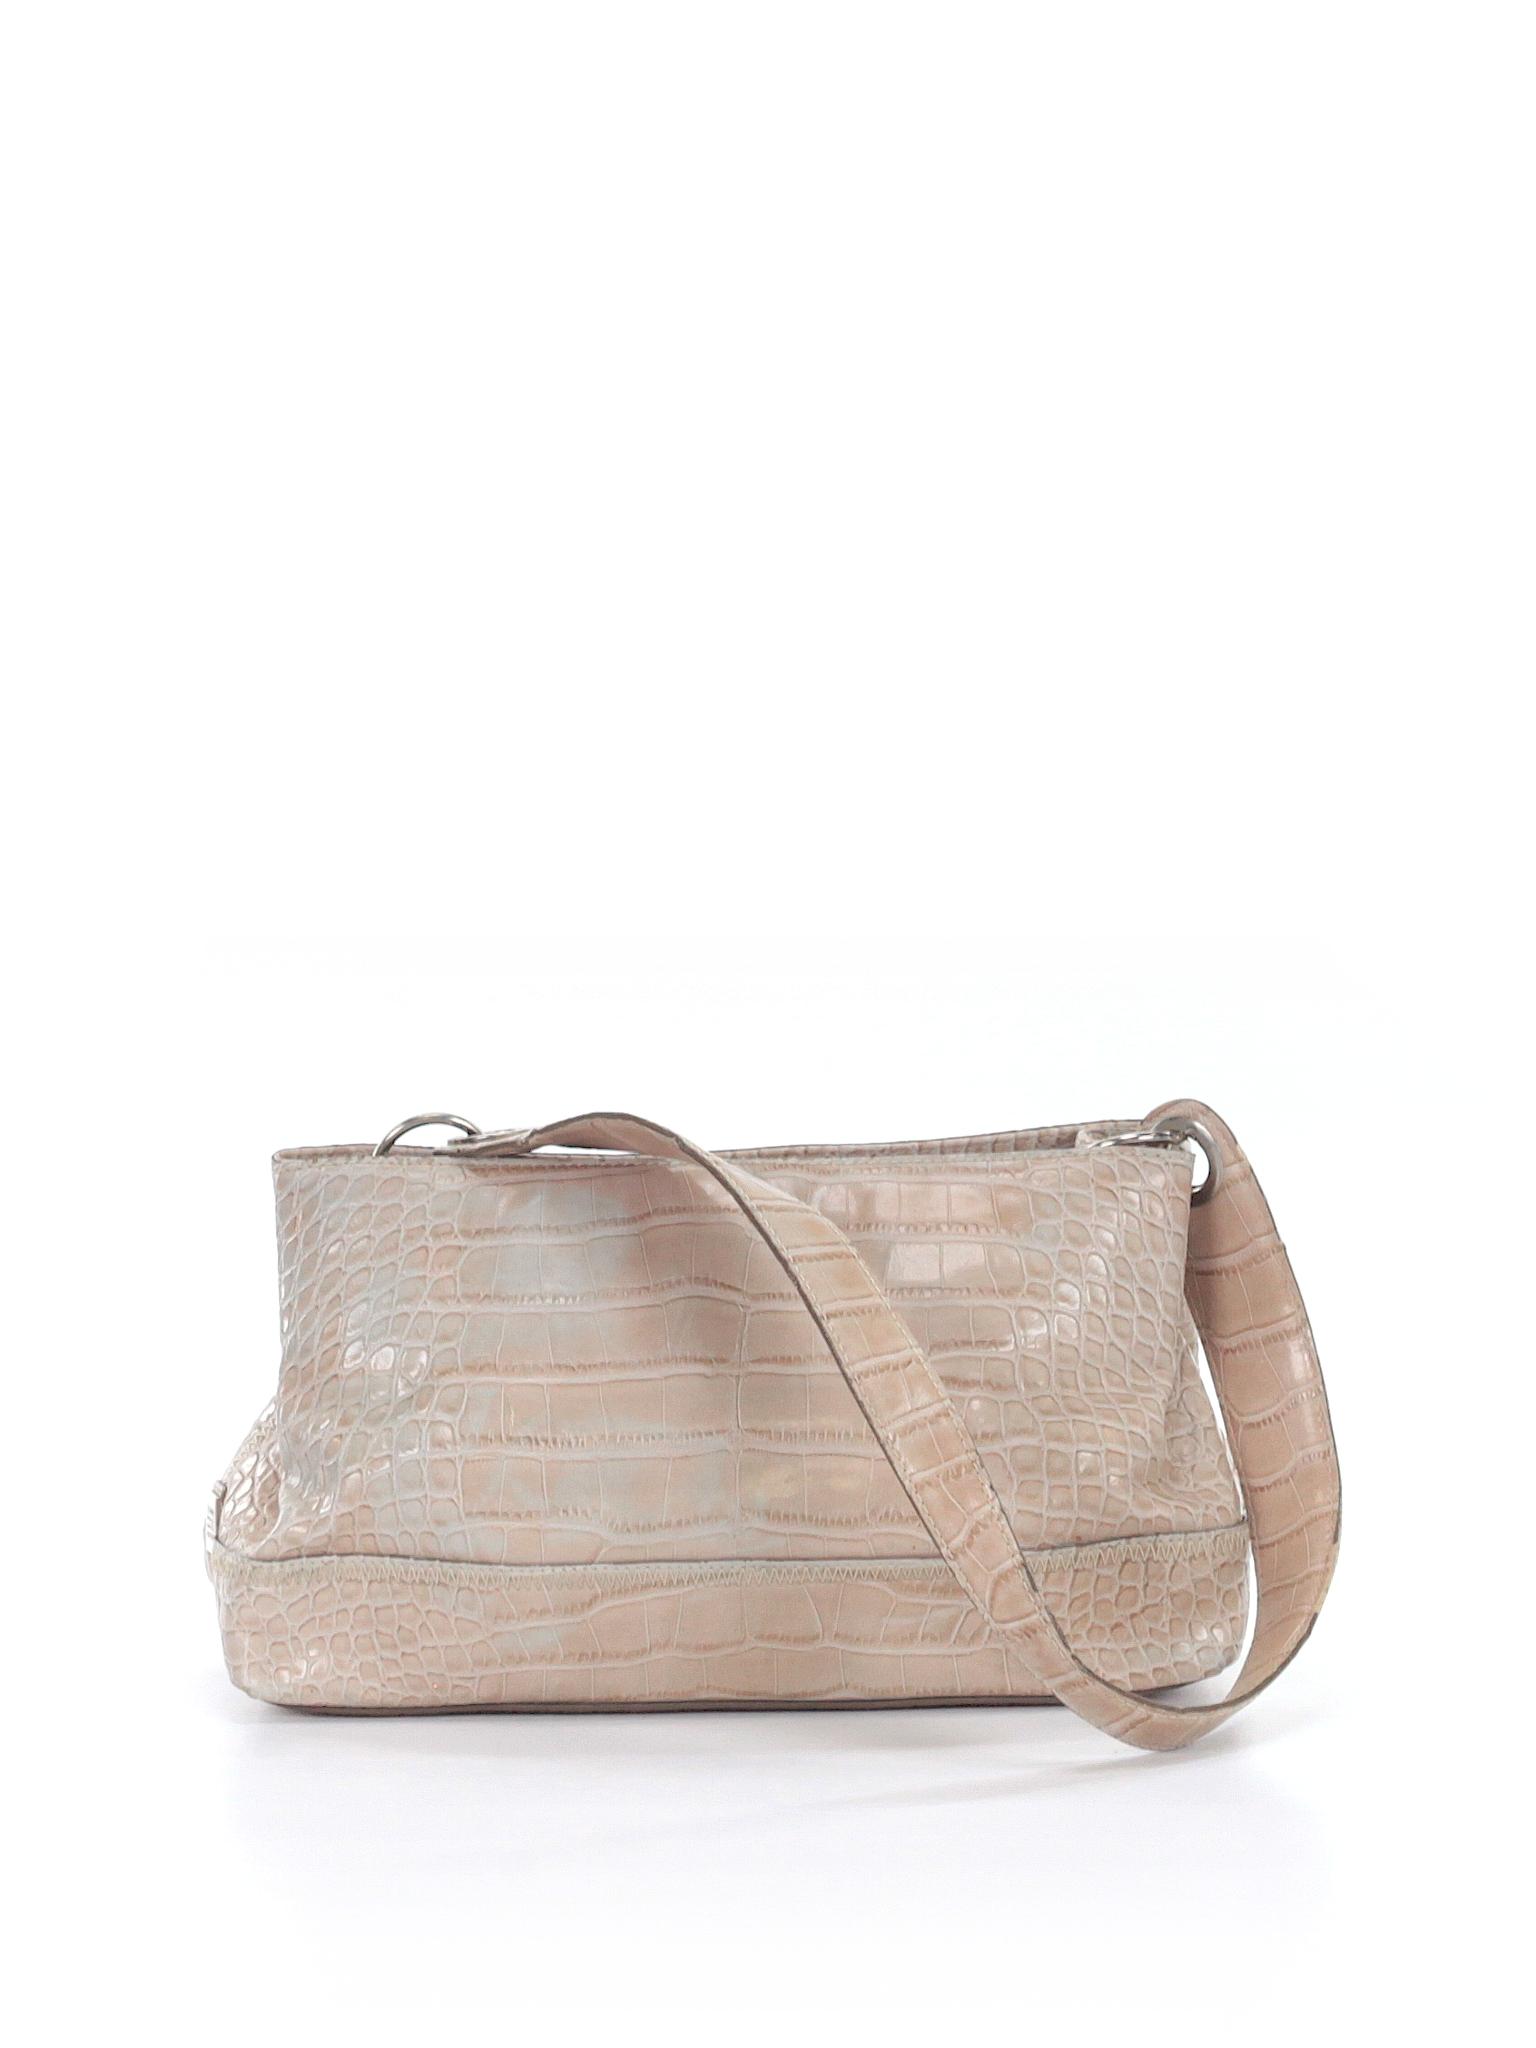 tommy hilfiger shoulder bag 98 off only on thredup. Black Bedroom Furniture Sets. Home Design Ideas